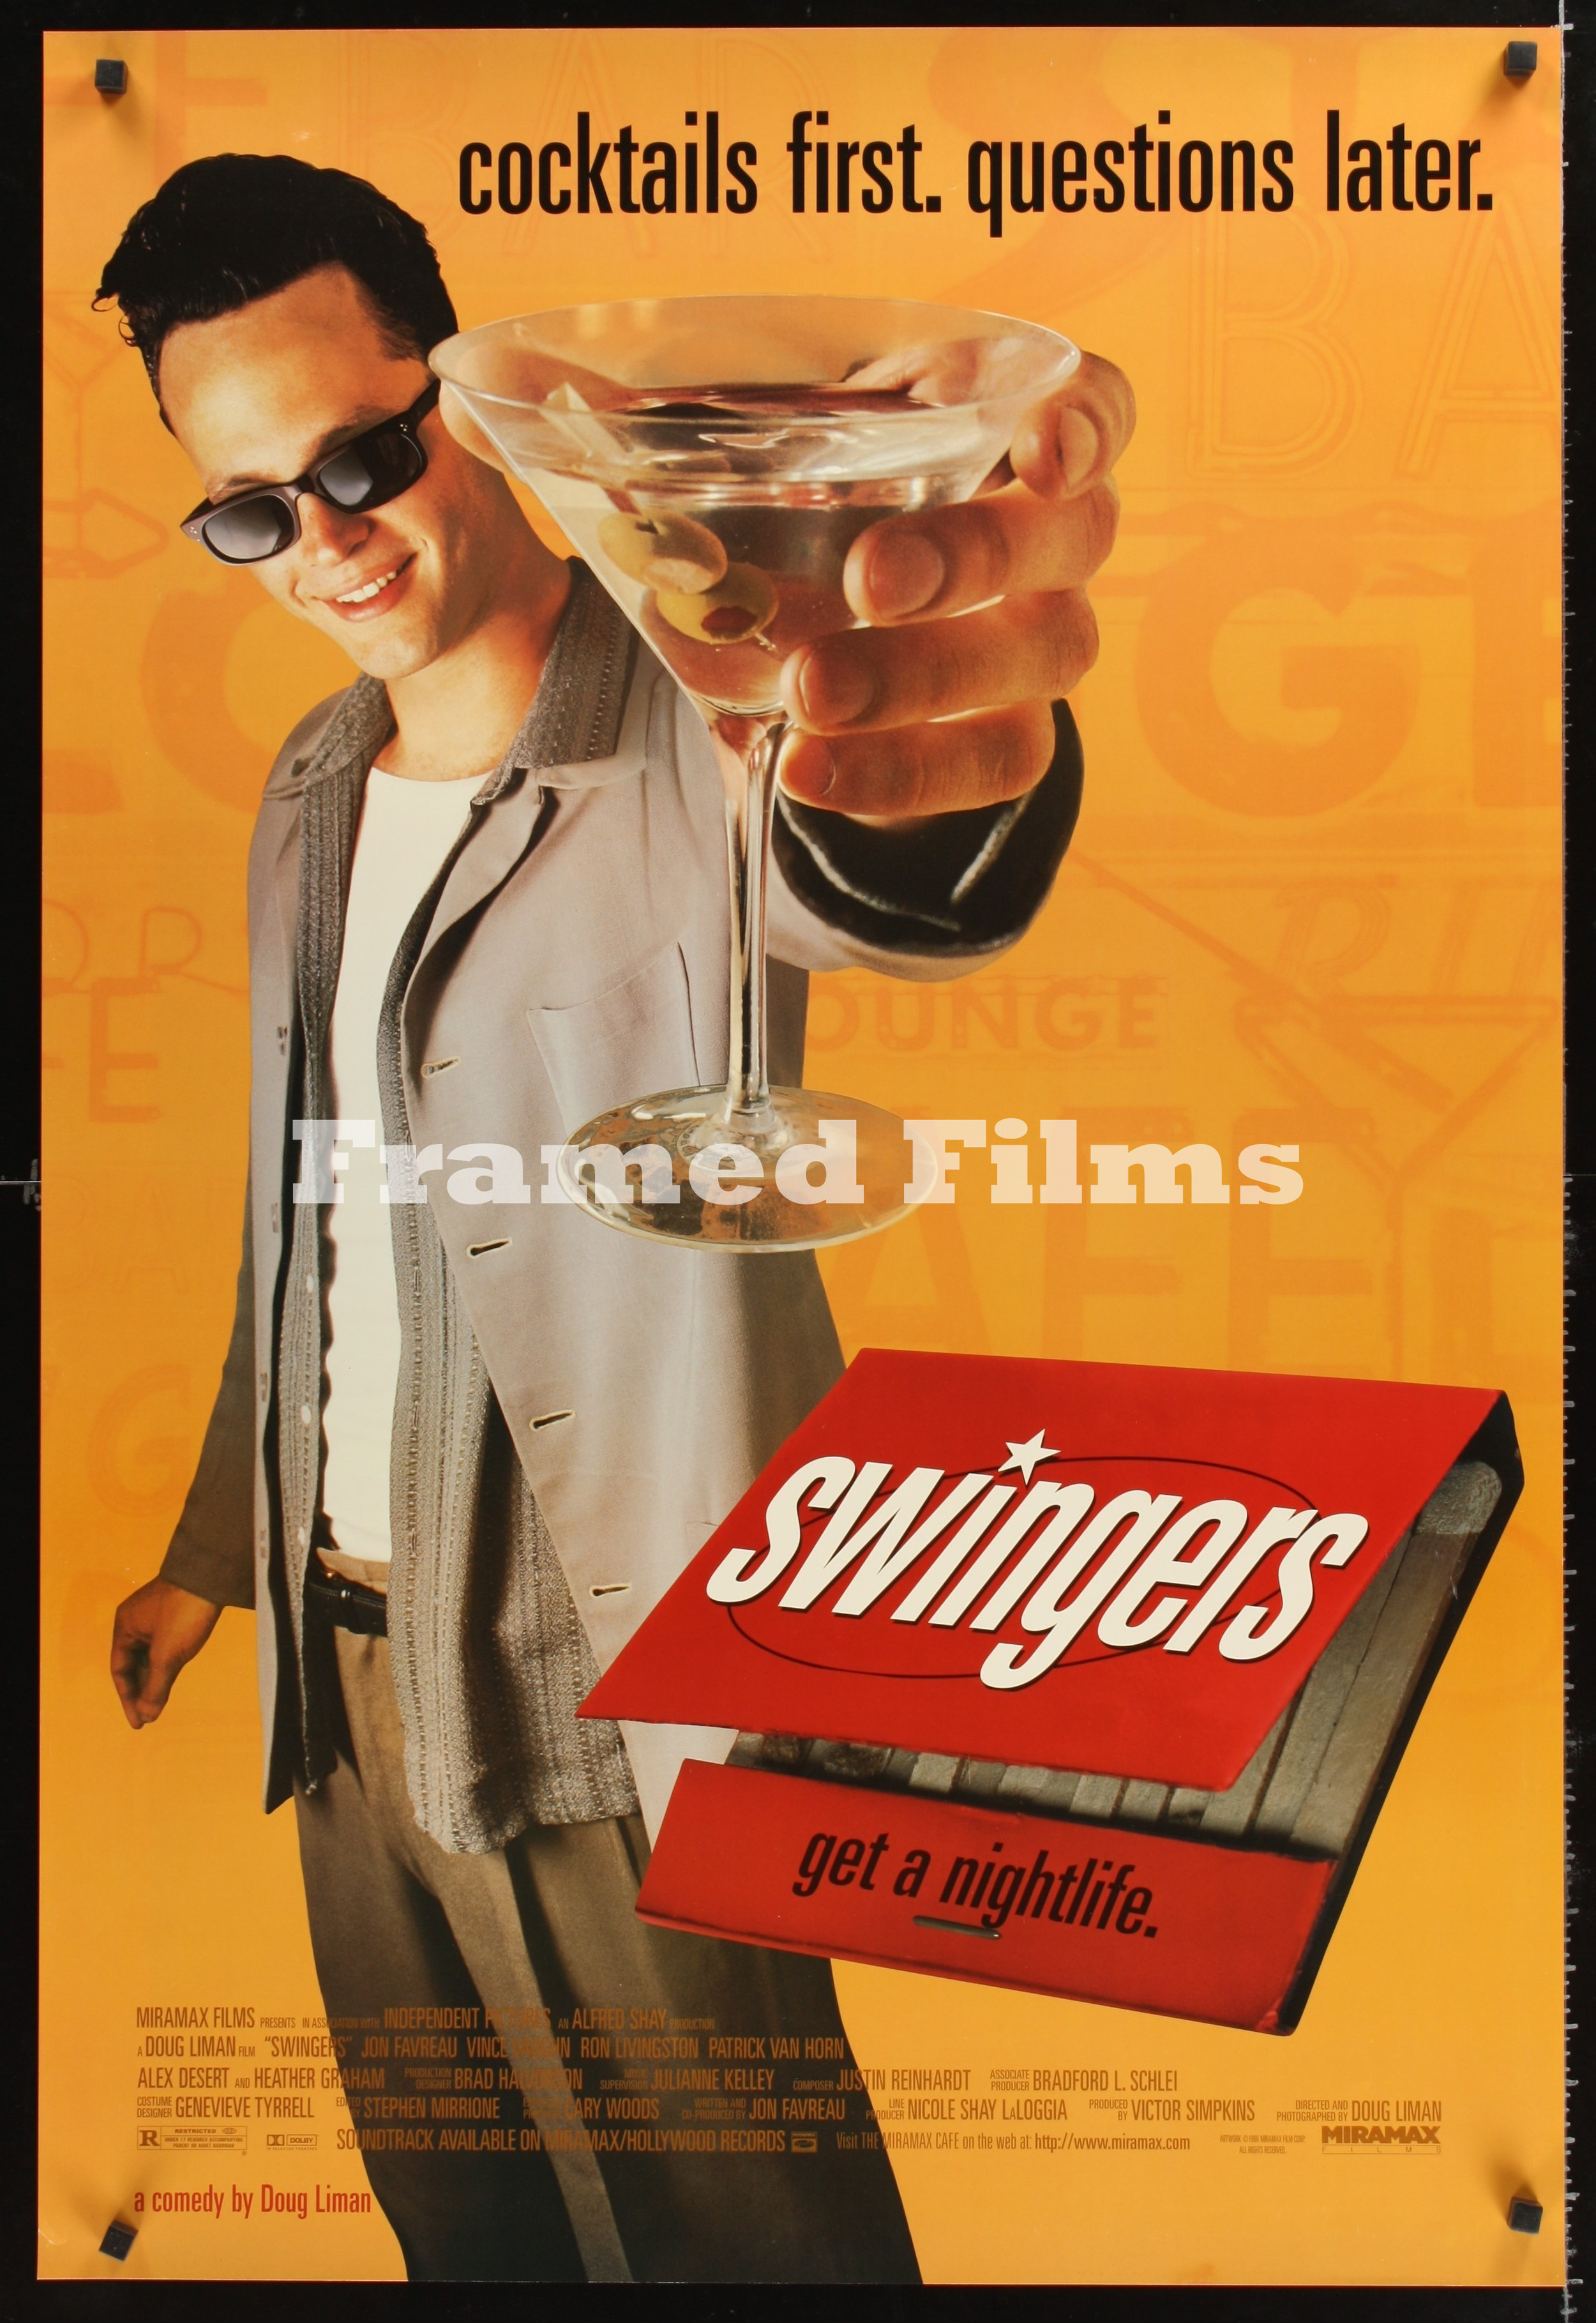 swingers_orange_style_dupe1_JC01574_L.jpg